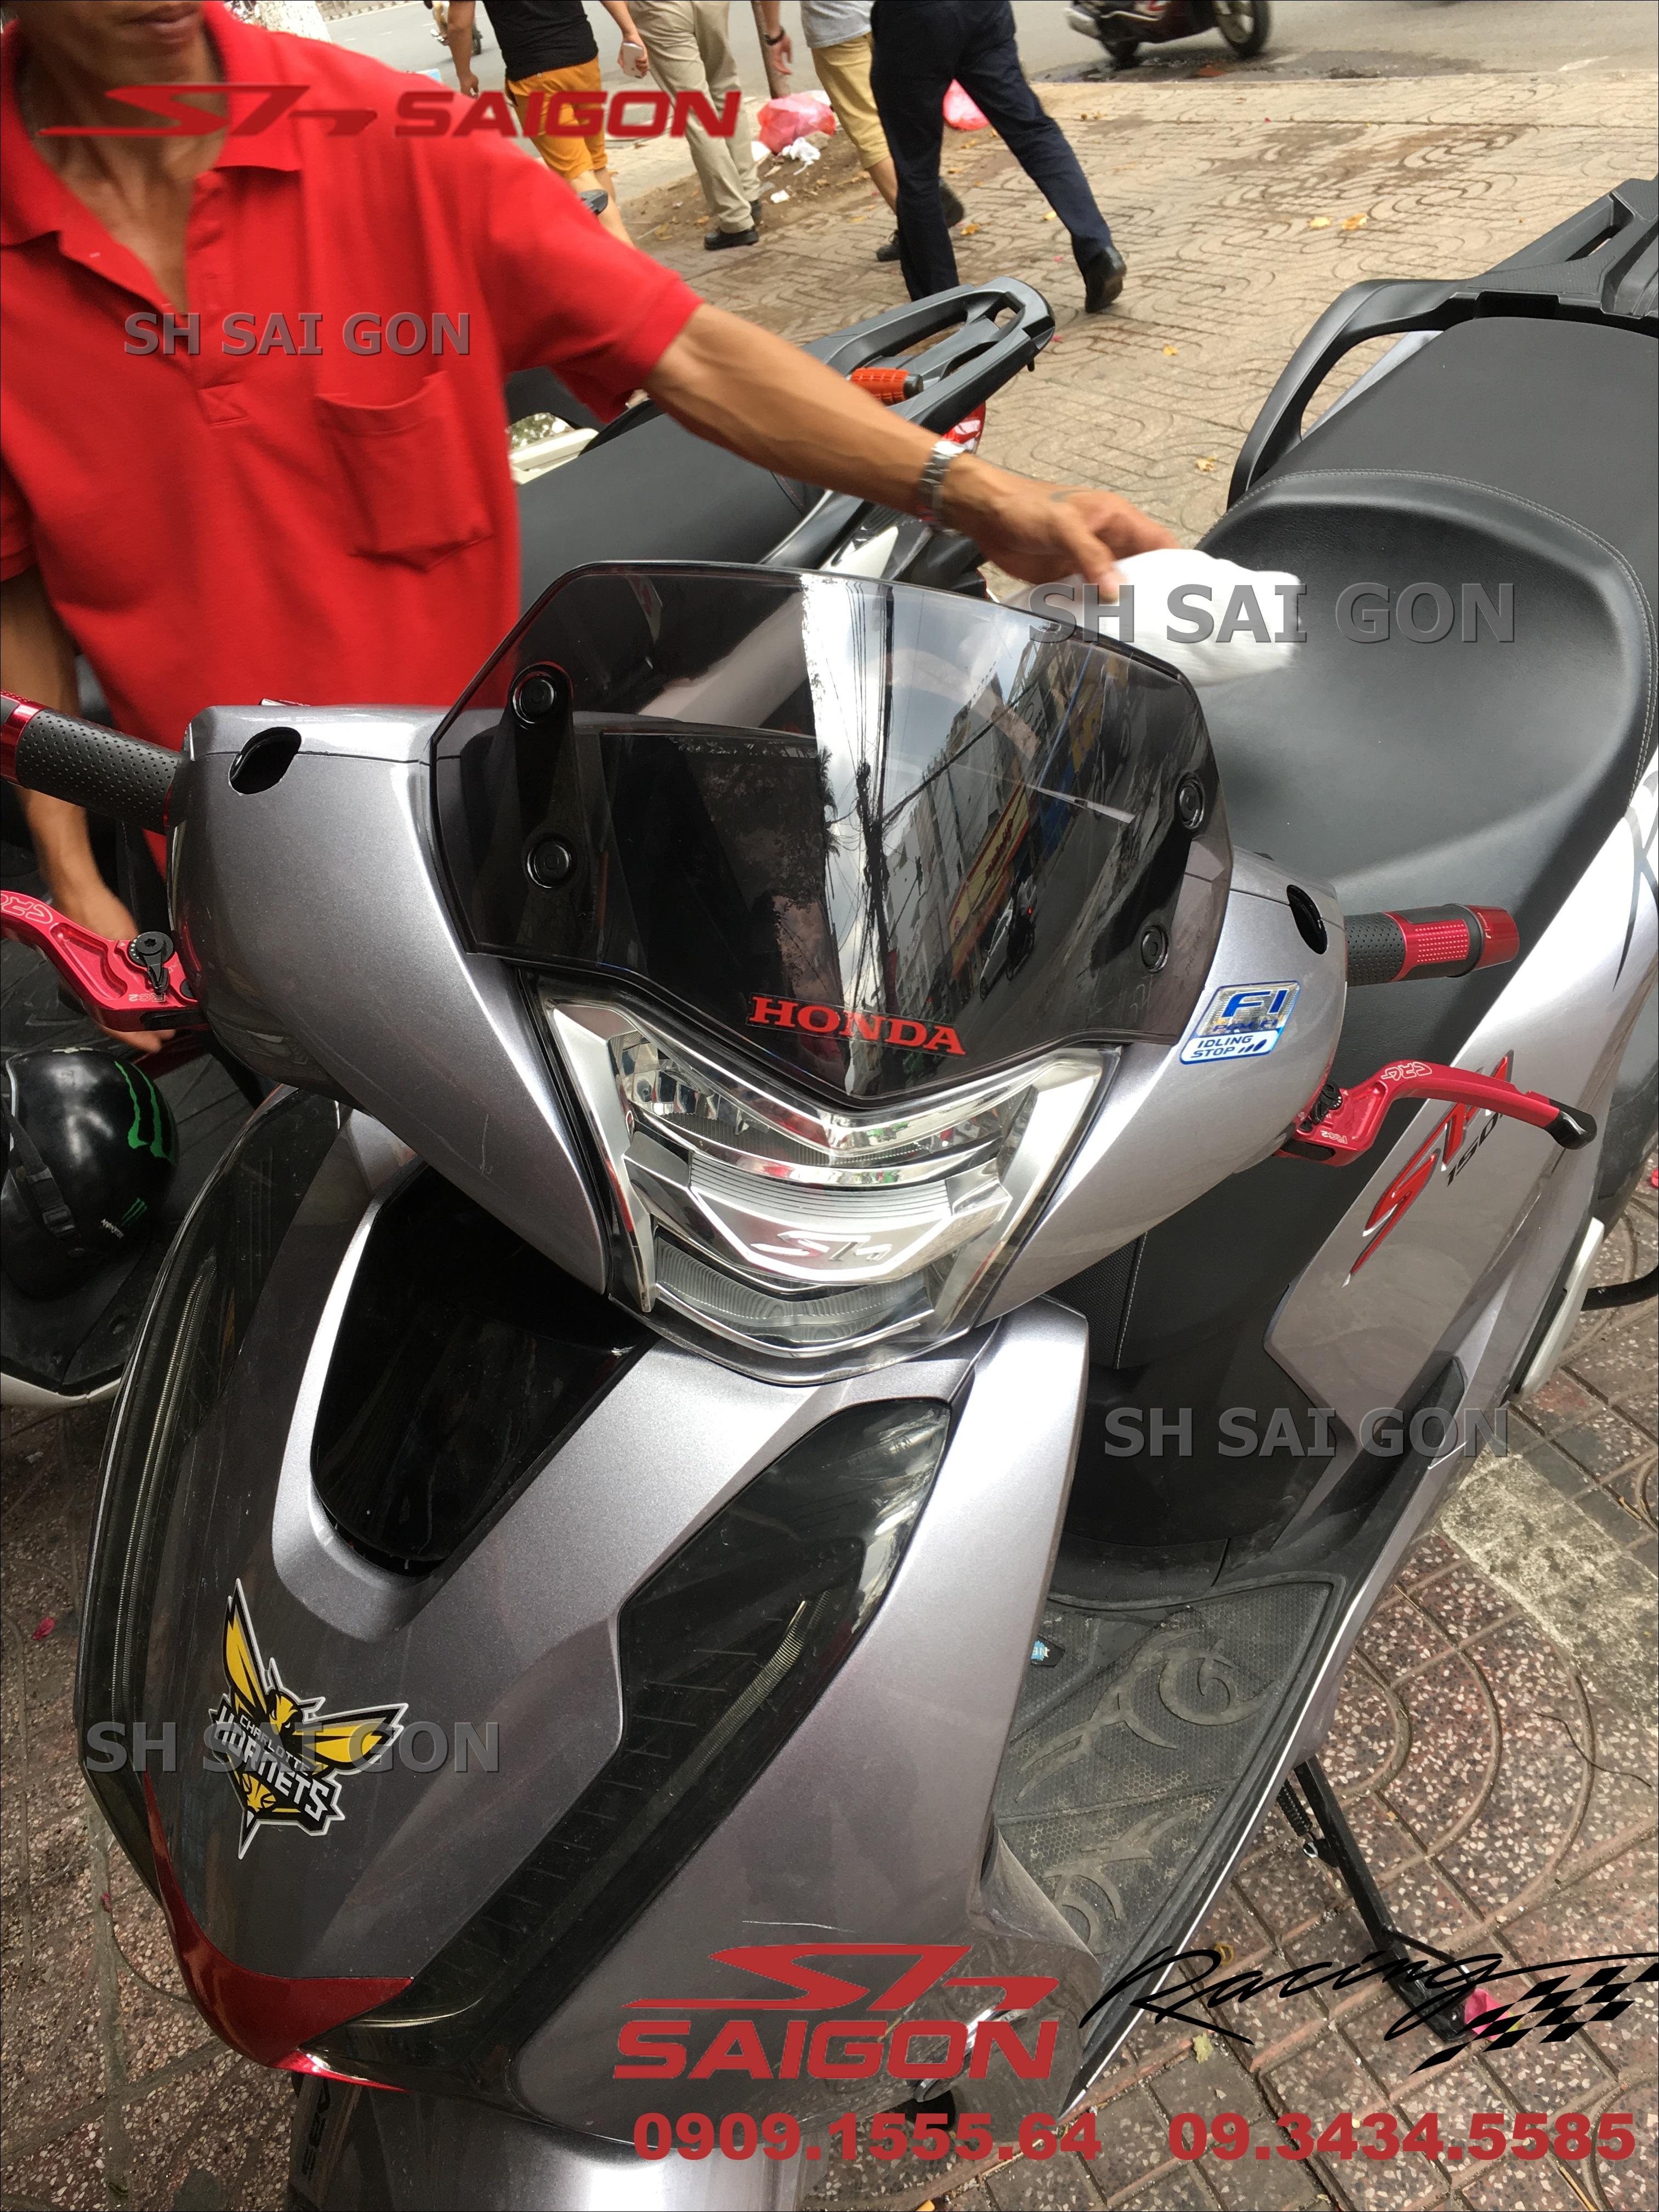 Image xe SH Việt Nam 2017 2018 2019 lắp kính chắn gió uy tín giá phải chăng tại Hồ Chí Minh